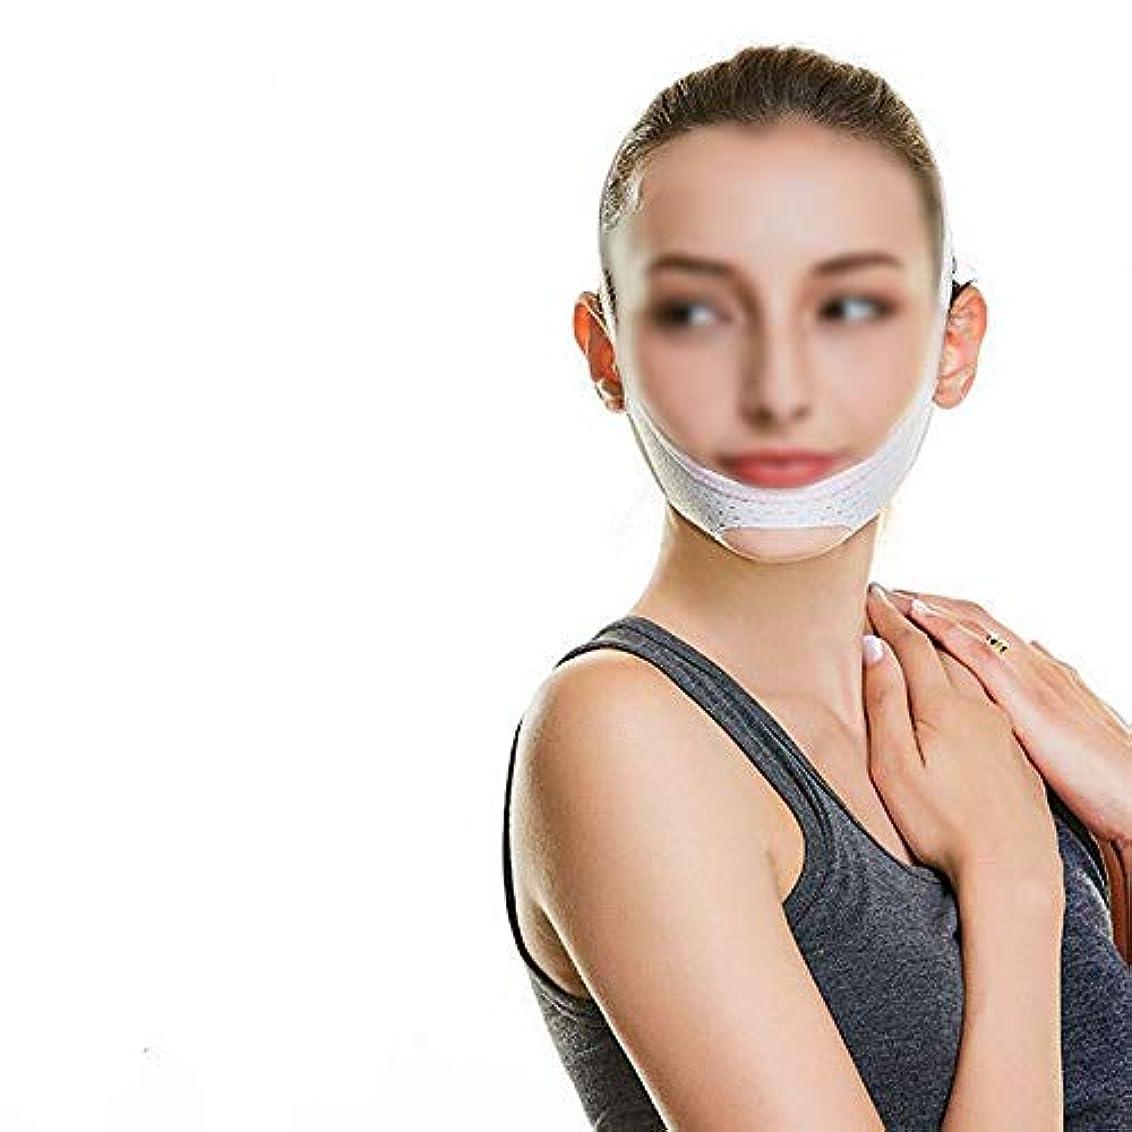 区画偽装する踊り子TLMY フェイスリフティング包帯回復マスクあごVフェイスリフト引き締め睡眠薄い顔アーティファクト 顔用整形マスク